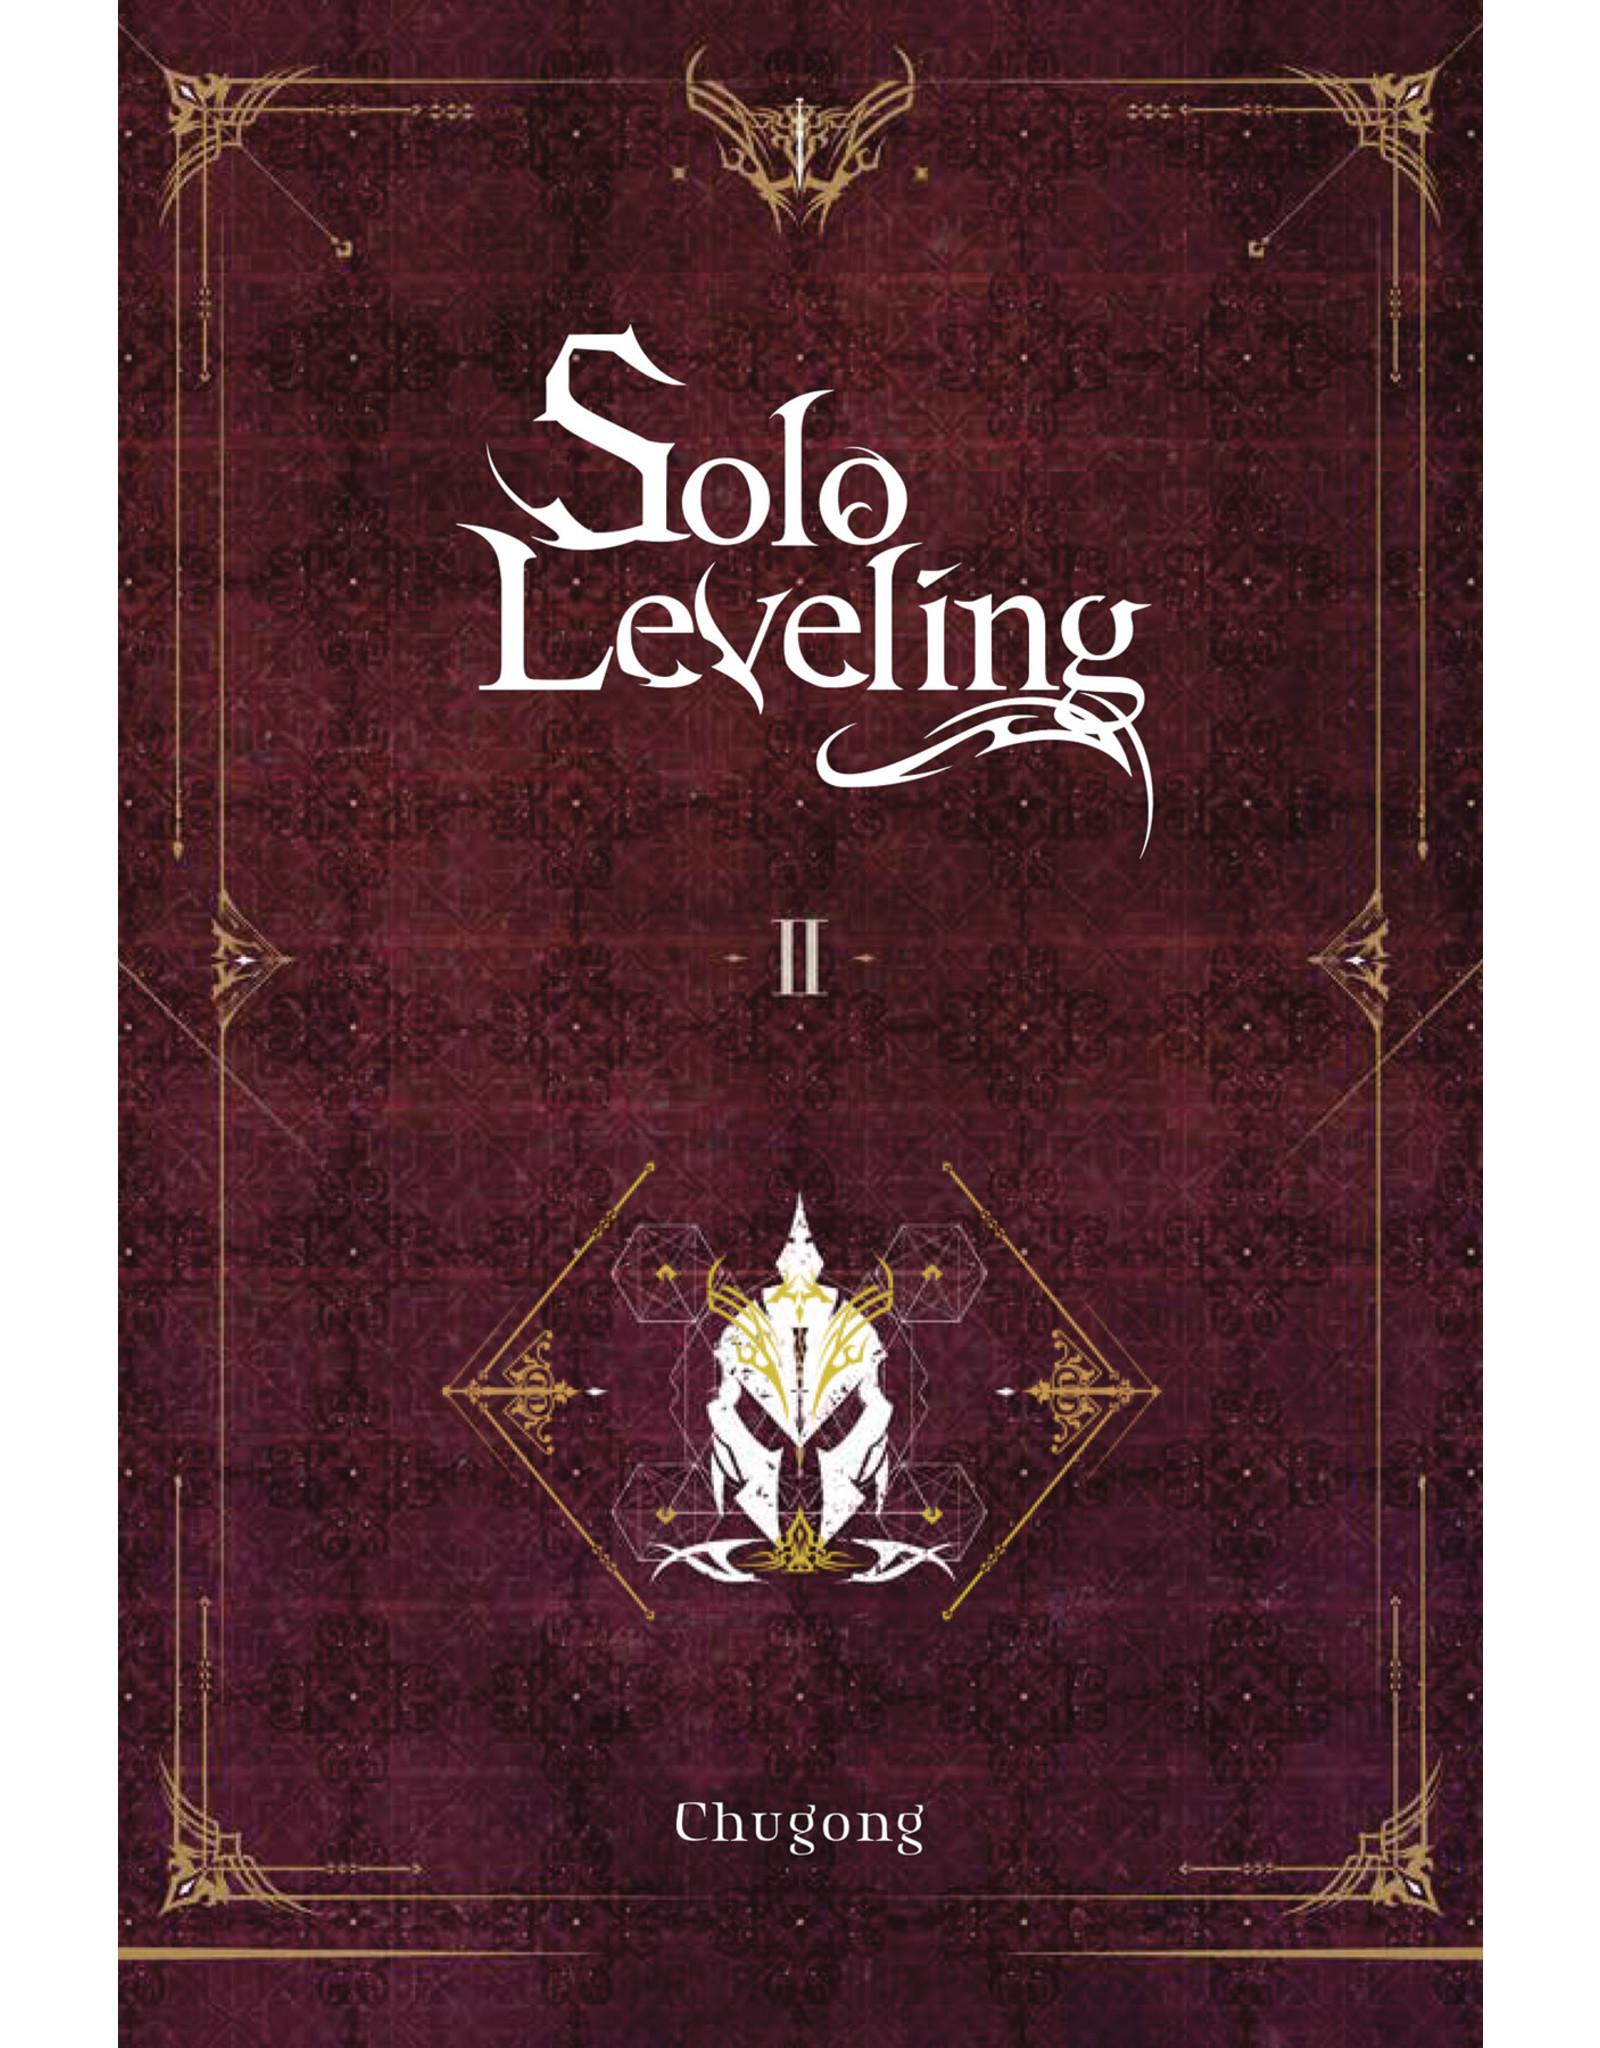 Solo Leveling 02 (English) - Light Novel